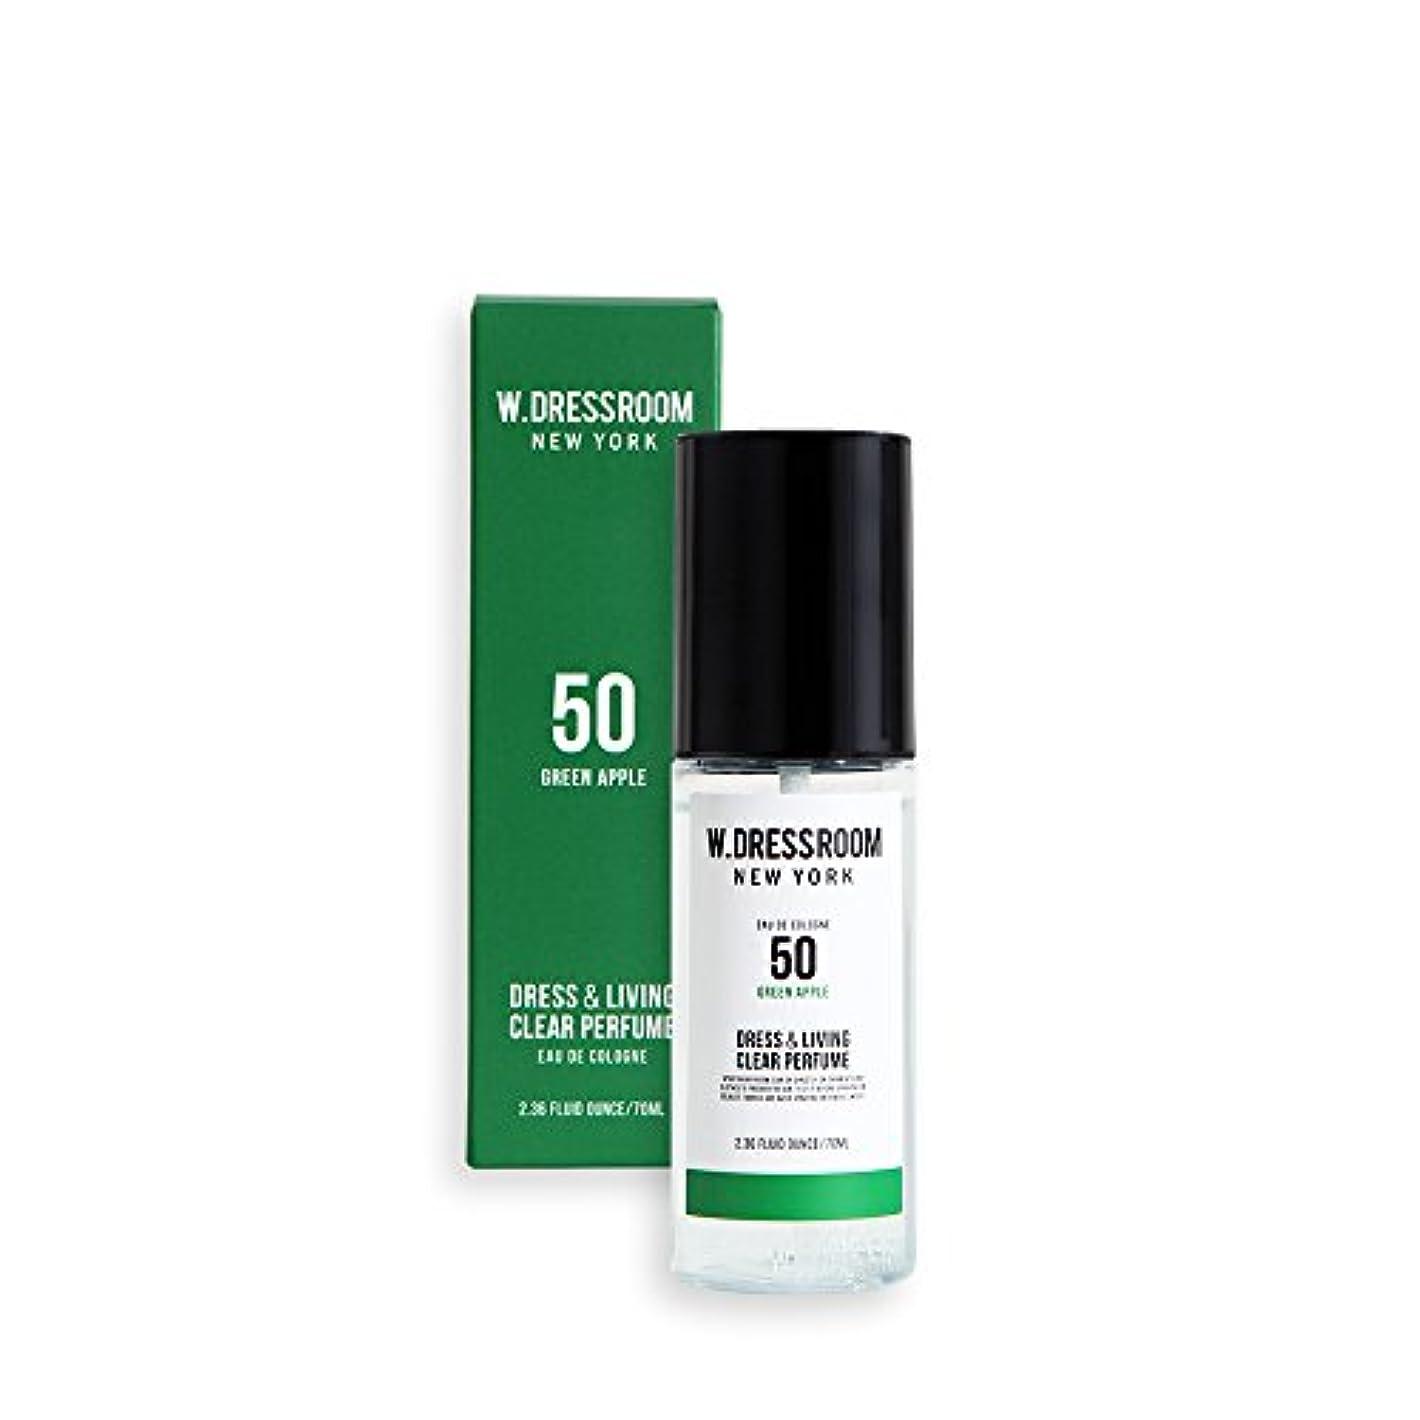 ハンマーボイドおしゃれじゃないW.DRESSROOM Dress & Living Clear Perfume 70ml/ダブルドレスルーム ドレス&リビング クリア パフューム 70ml (#No.50 Green Apple) [並行輸入品]